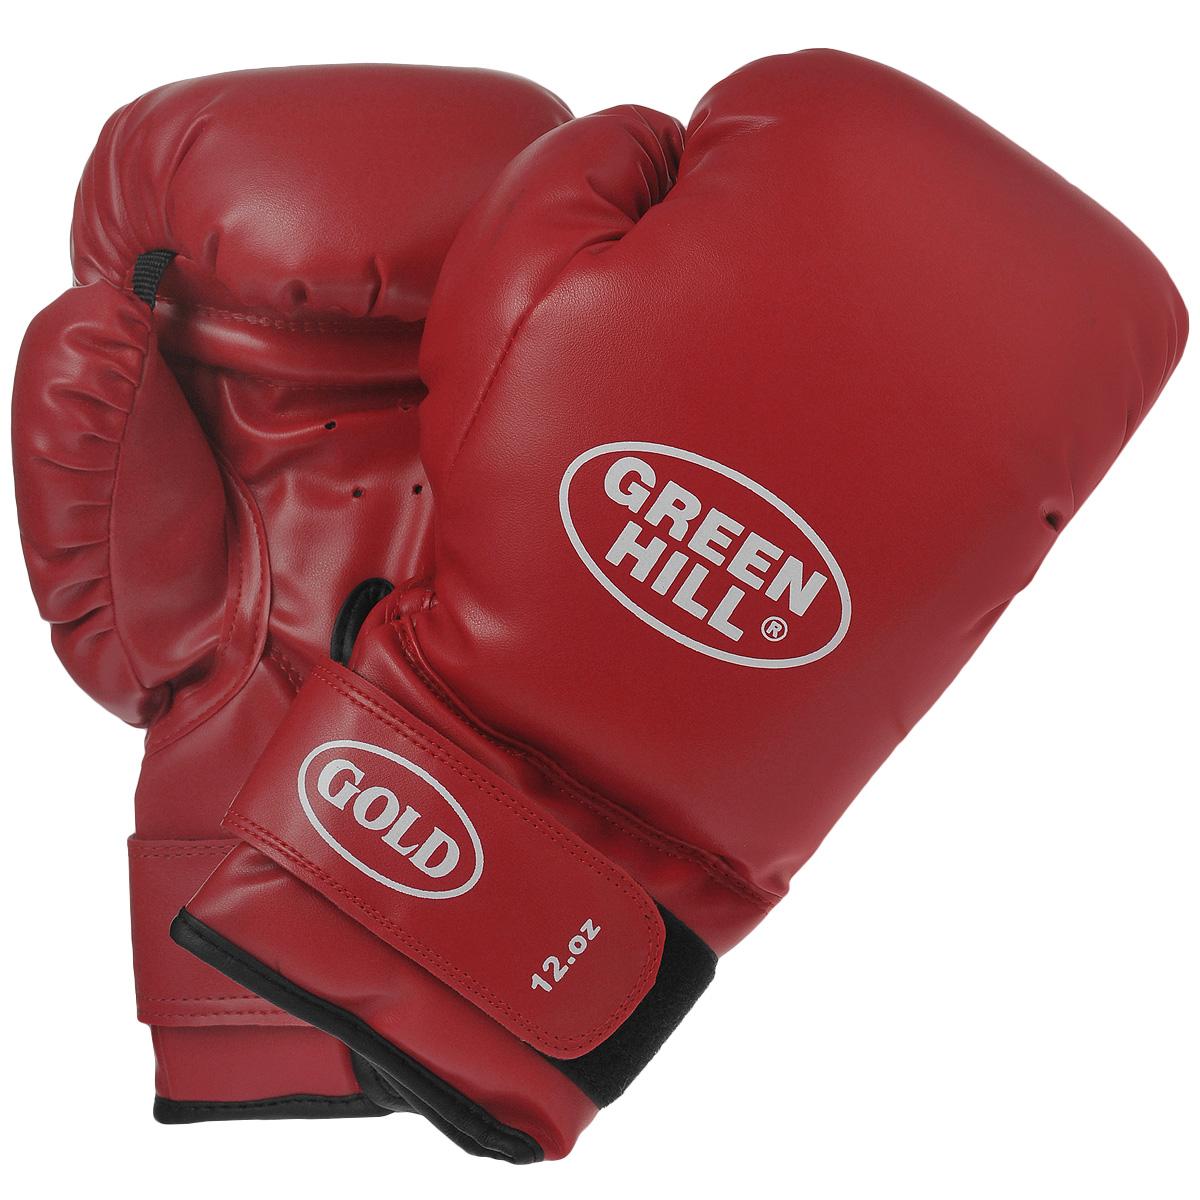 Перчатки боксерские Green Hill Gold, цвет: красный. Вес 12 унцийBGG-2030Боксерские тренировочные перчатки Green Hill Gold выполнены из высококачественной искусственной кожи. Они отлично подойдут для начинающих спортсменов. Мягкий наполнитель из очеса предотвращает любые травмы. Широкий ремень, охватывая запястье, полностью оборачивается вокруг манжеты, благодаря чему создается дополнительная защита лучезапястного сустава от травмирования. Застежка на липучке способствует быстрому и удобному одеванию перчаток, плотно фиксирует перчатки на руке.